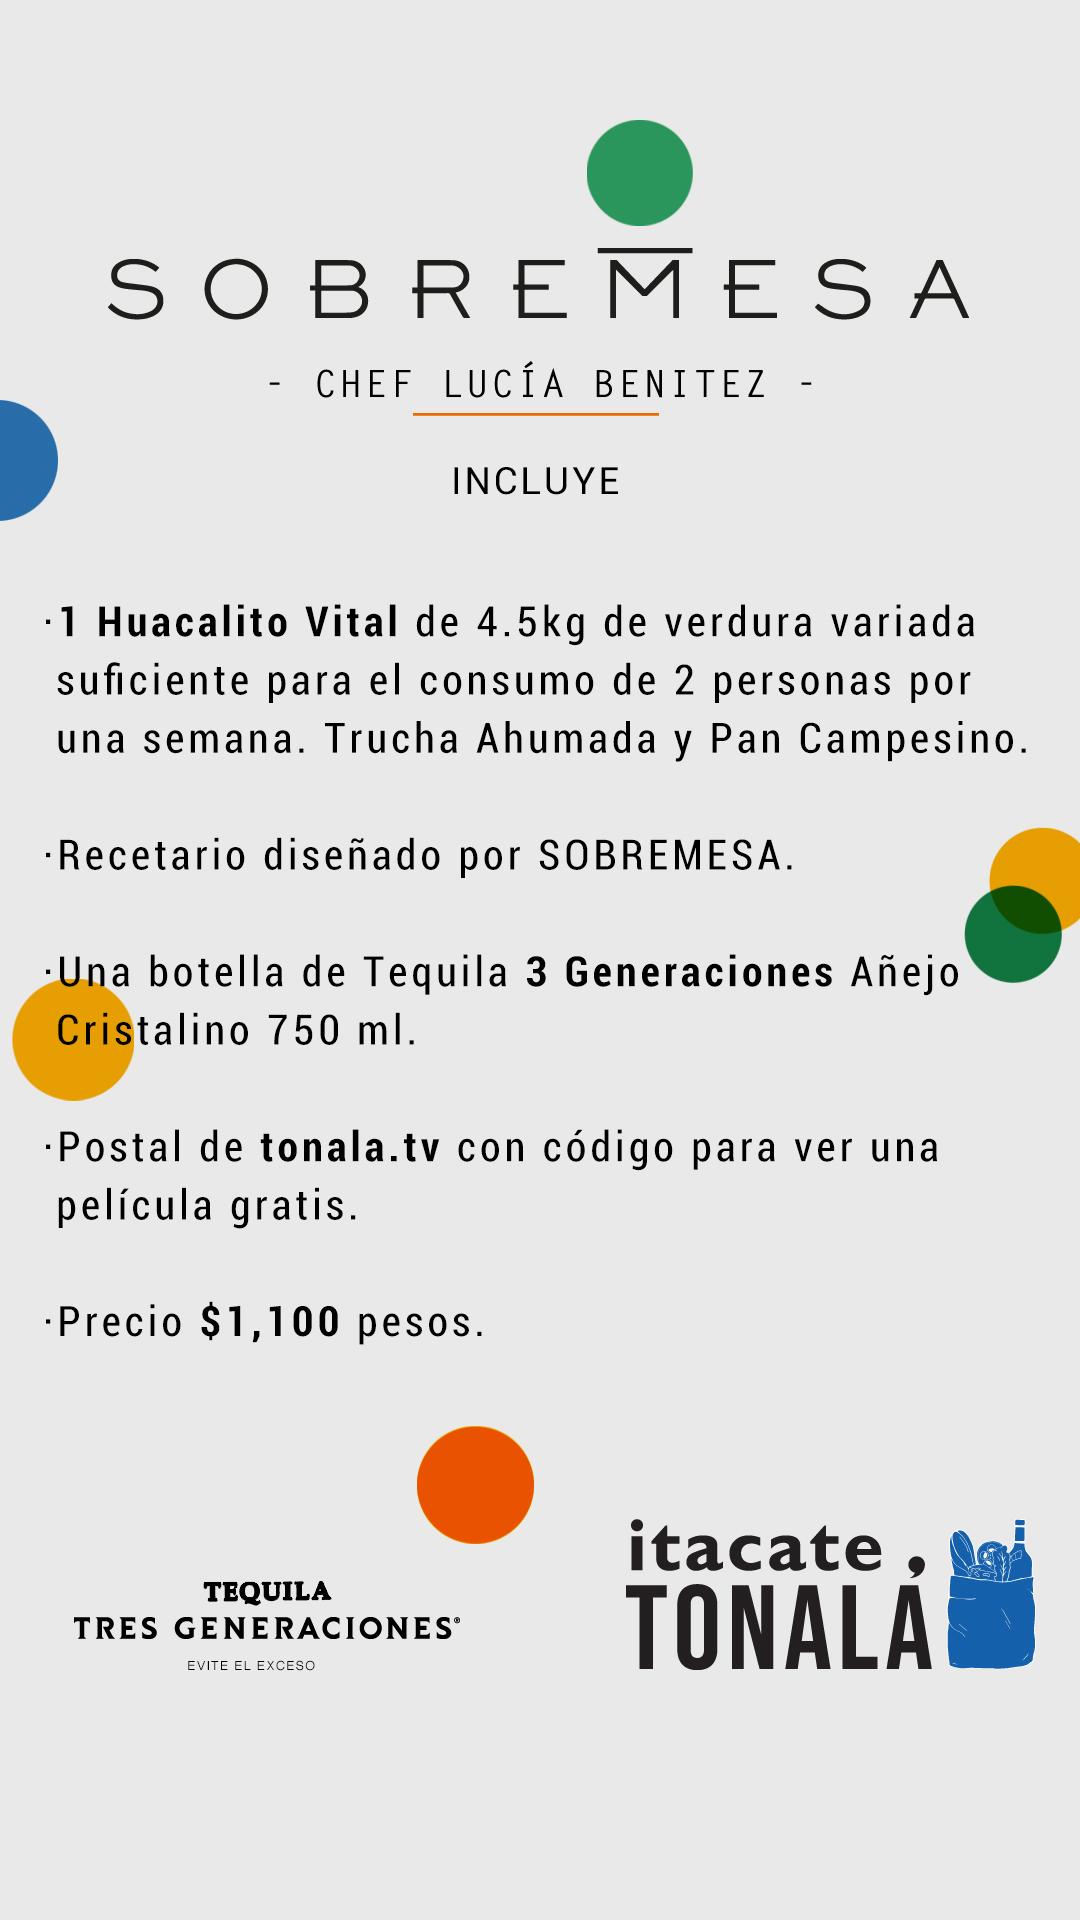 Itacate Tonalá